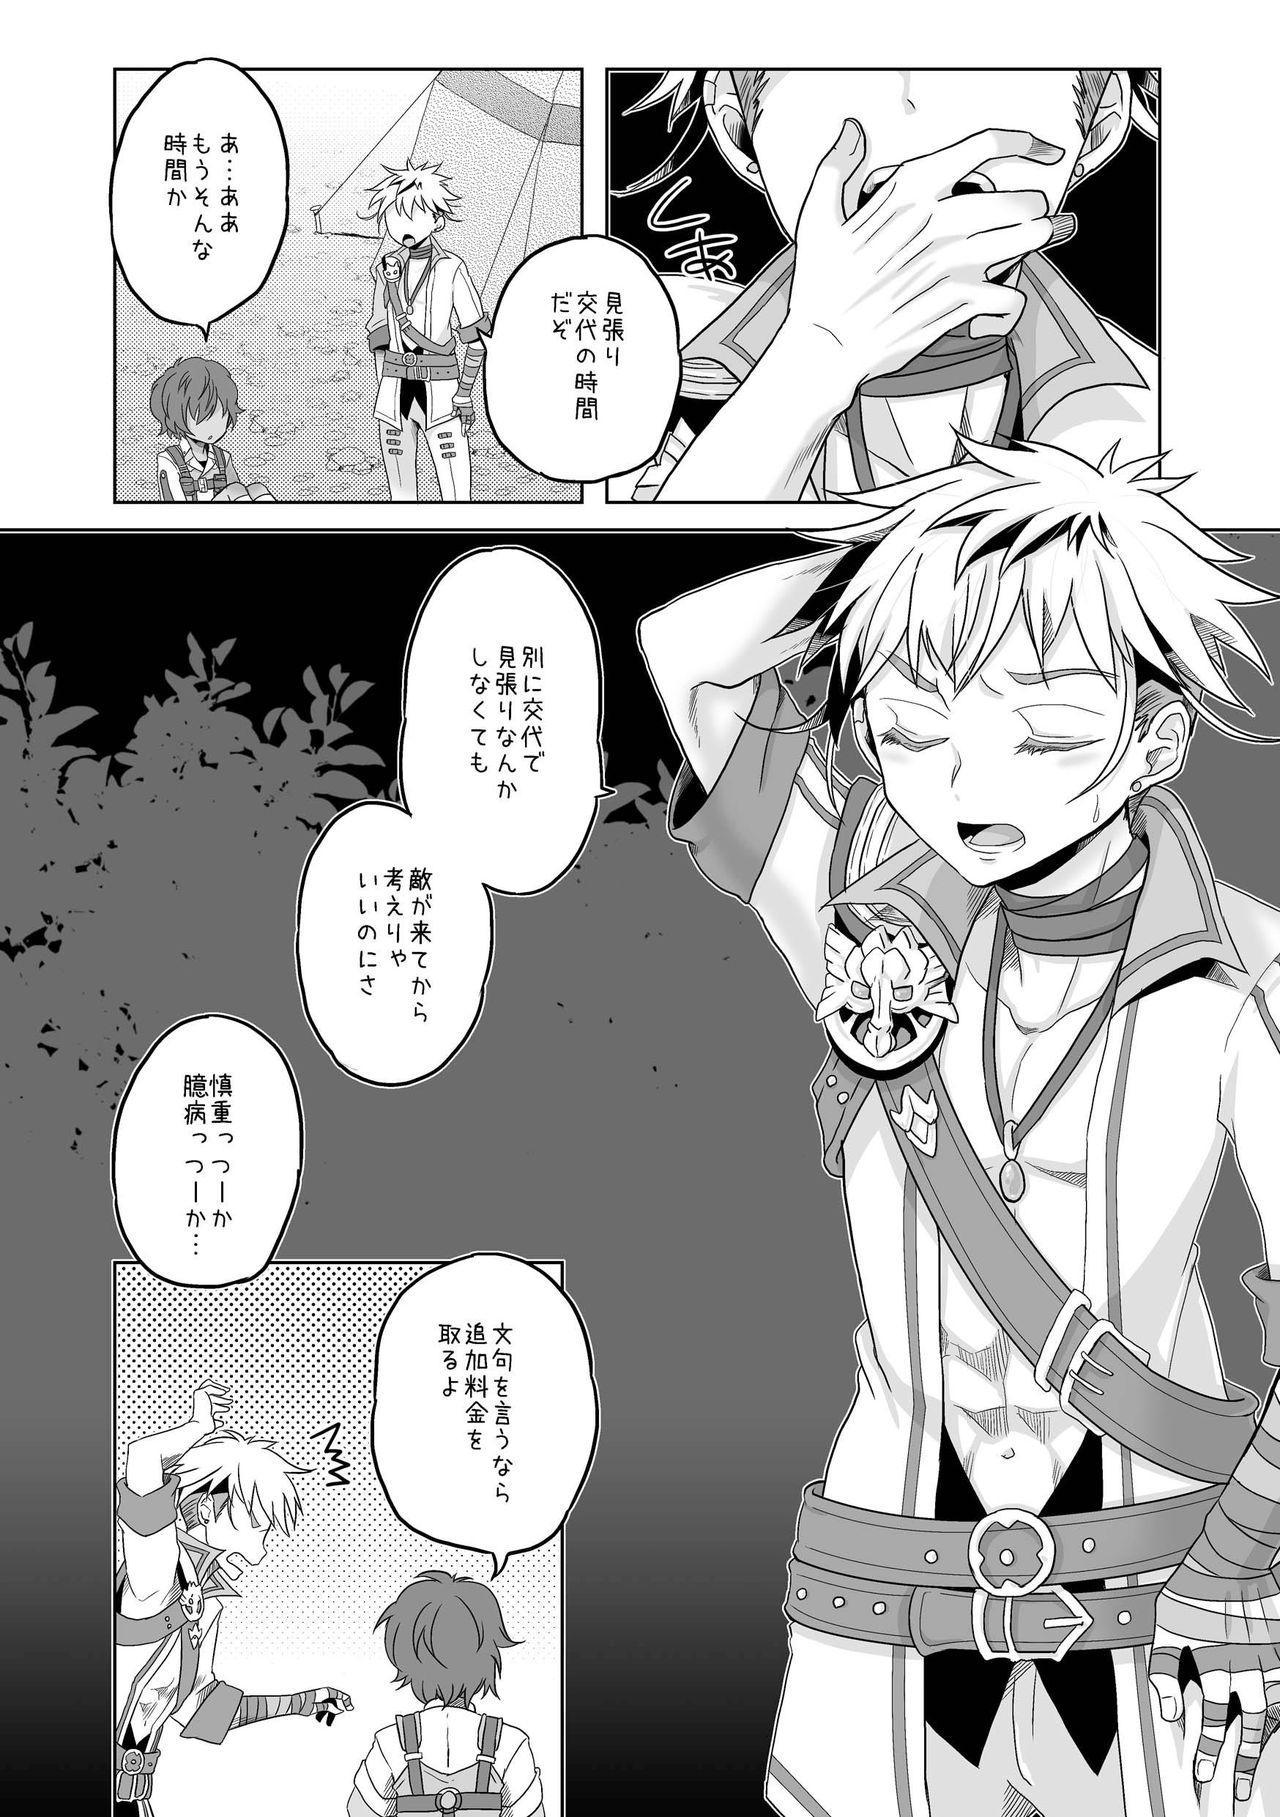 Kimi to Ikusen no Yoru o Sugosou 3